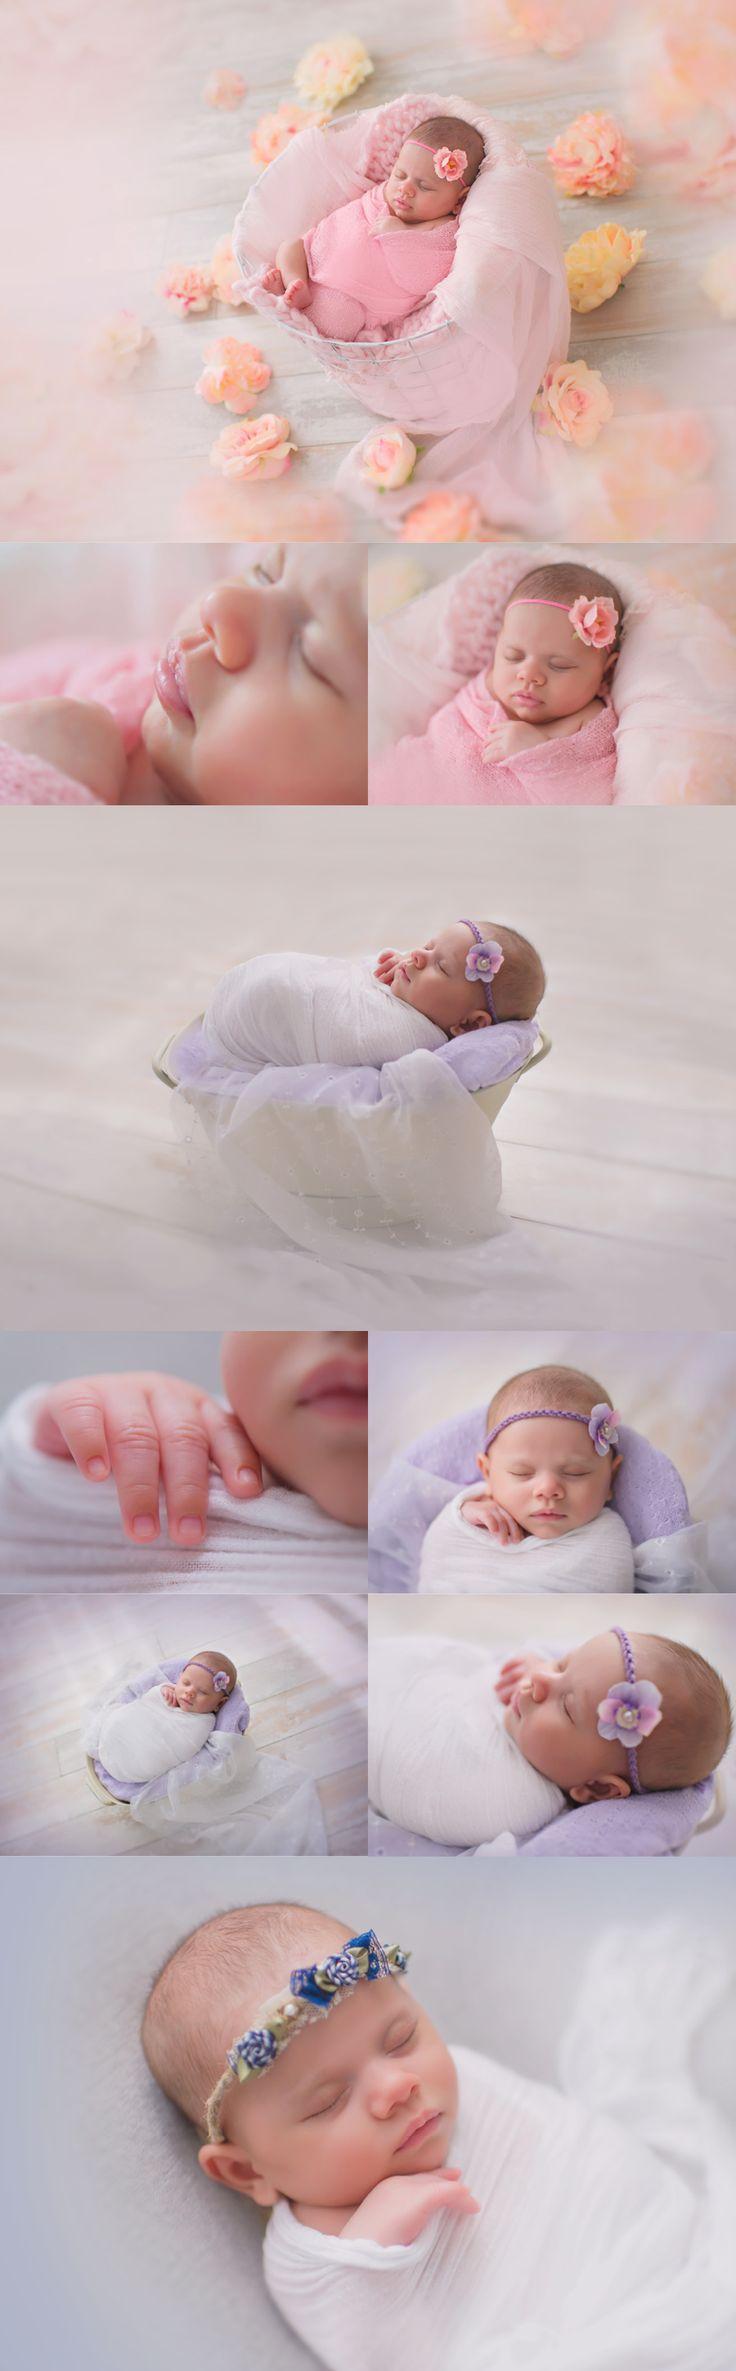 Baby Girl Newborn Session  #rhodeisland #babyphotographer #heidihope